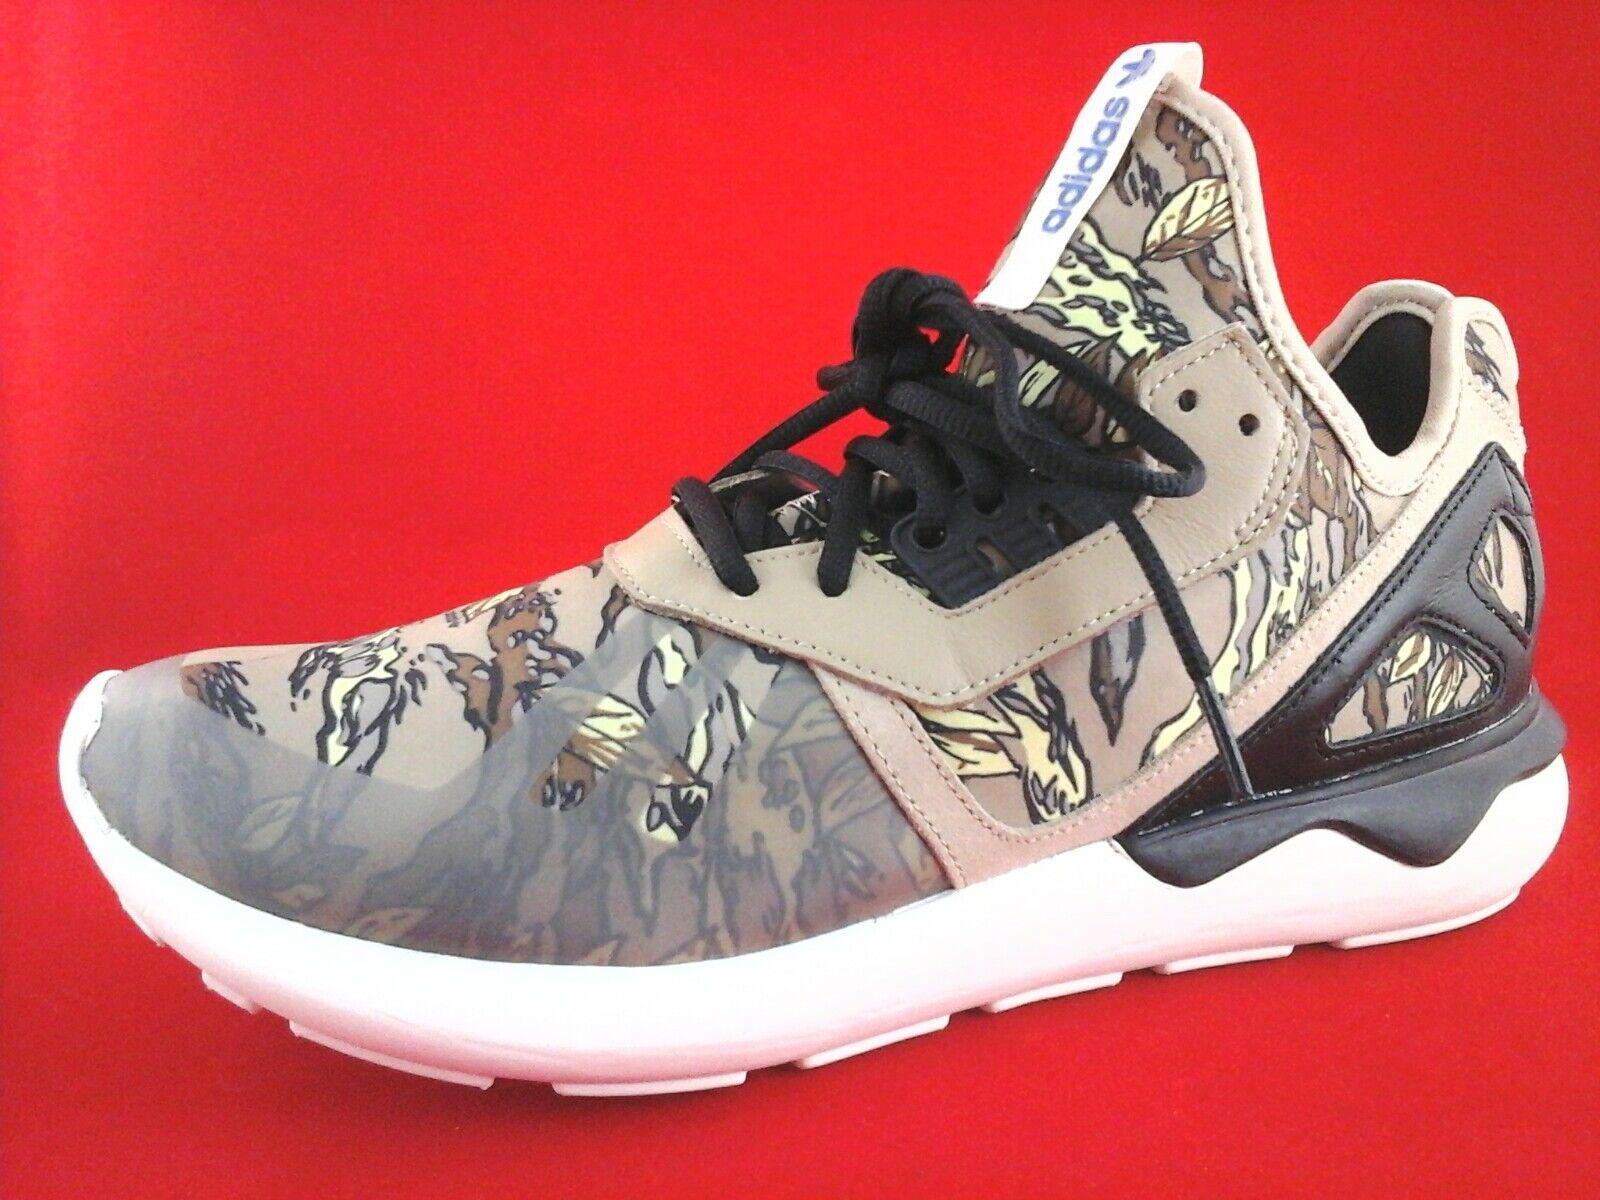 ADIDAS TUBULAR RUNNER Originals Hombre Zapatos Ltd Ltd Ltd HEMP B3638 US 11 EU 915a0c